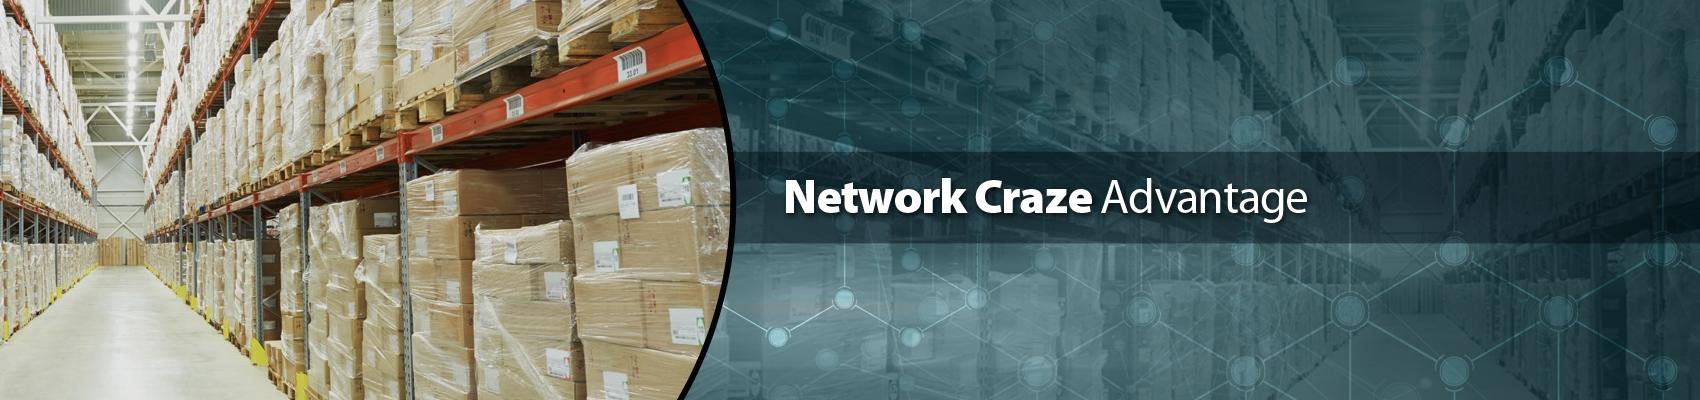 NetworkCrazeAdvantage